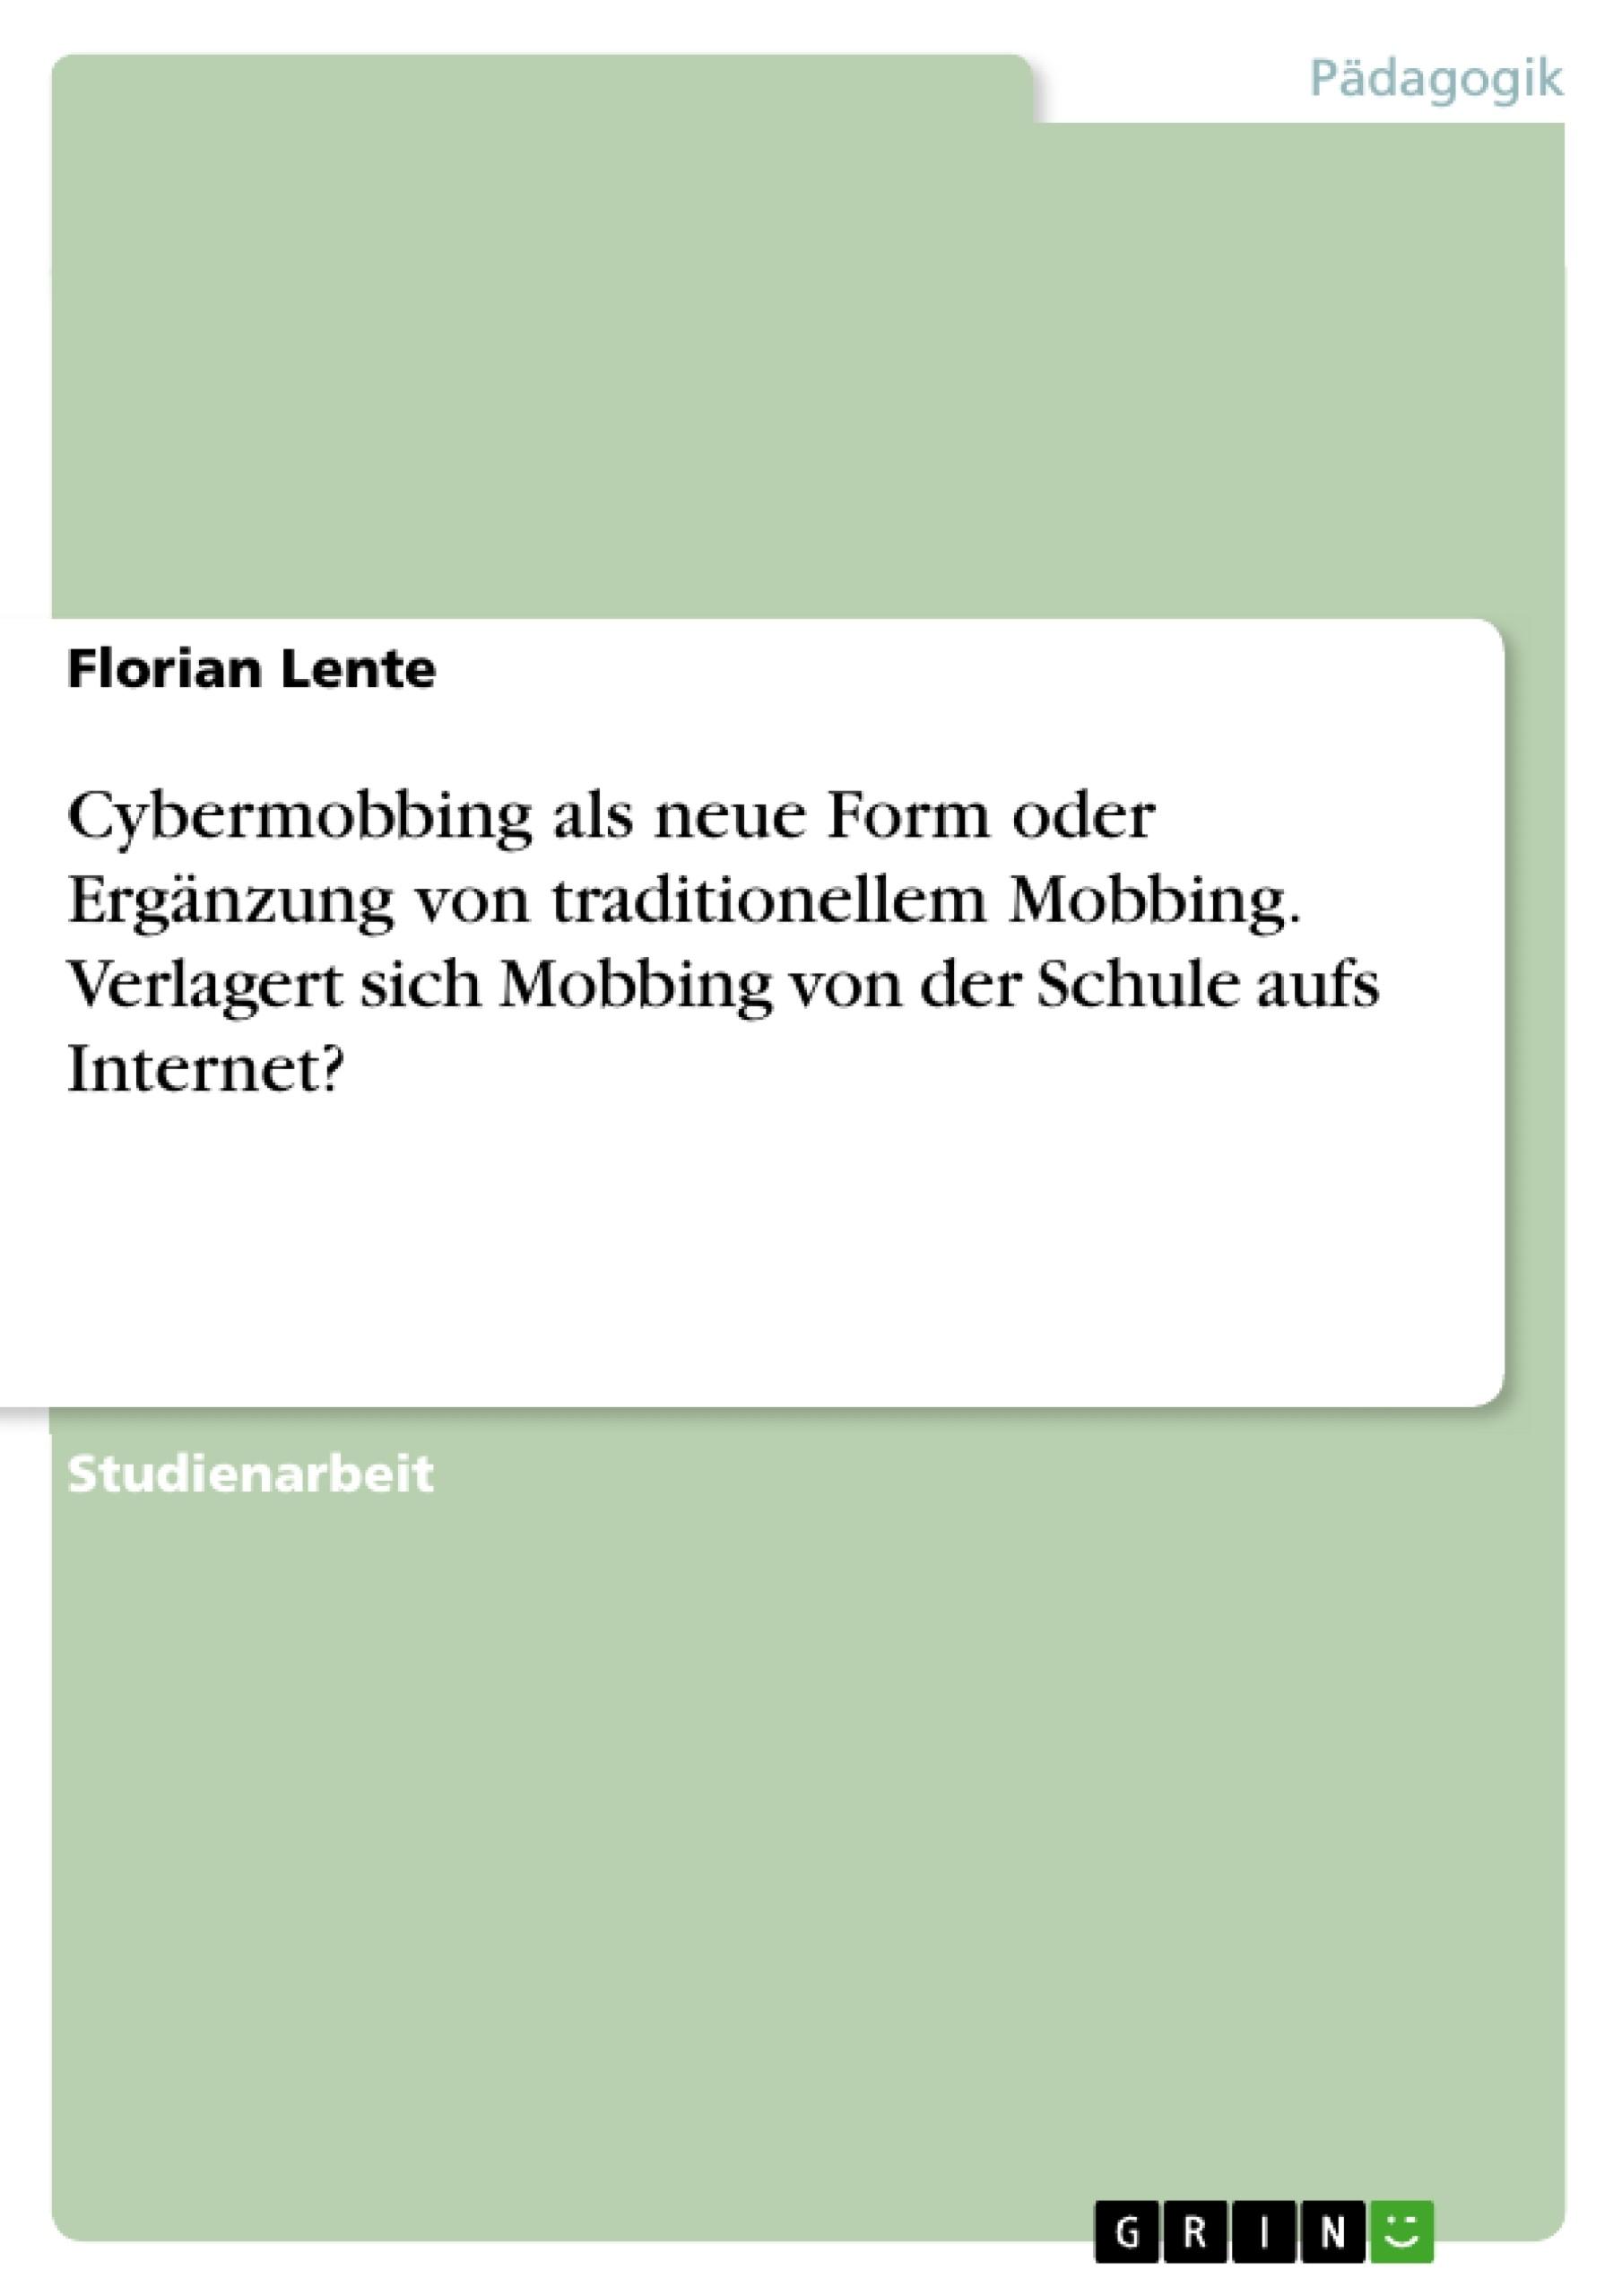 Titel: Cybermobbing als neue Form oder Ergänzung von traditionellem Mobbing. Verlagert sich Mobbing von der Schule aufs Internet?